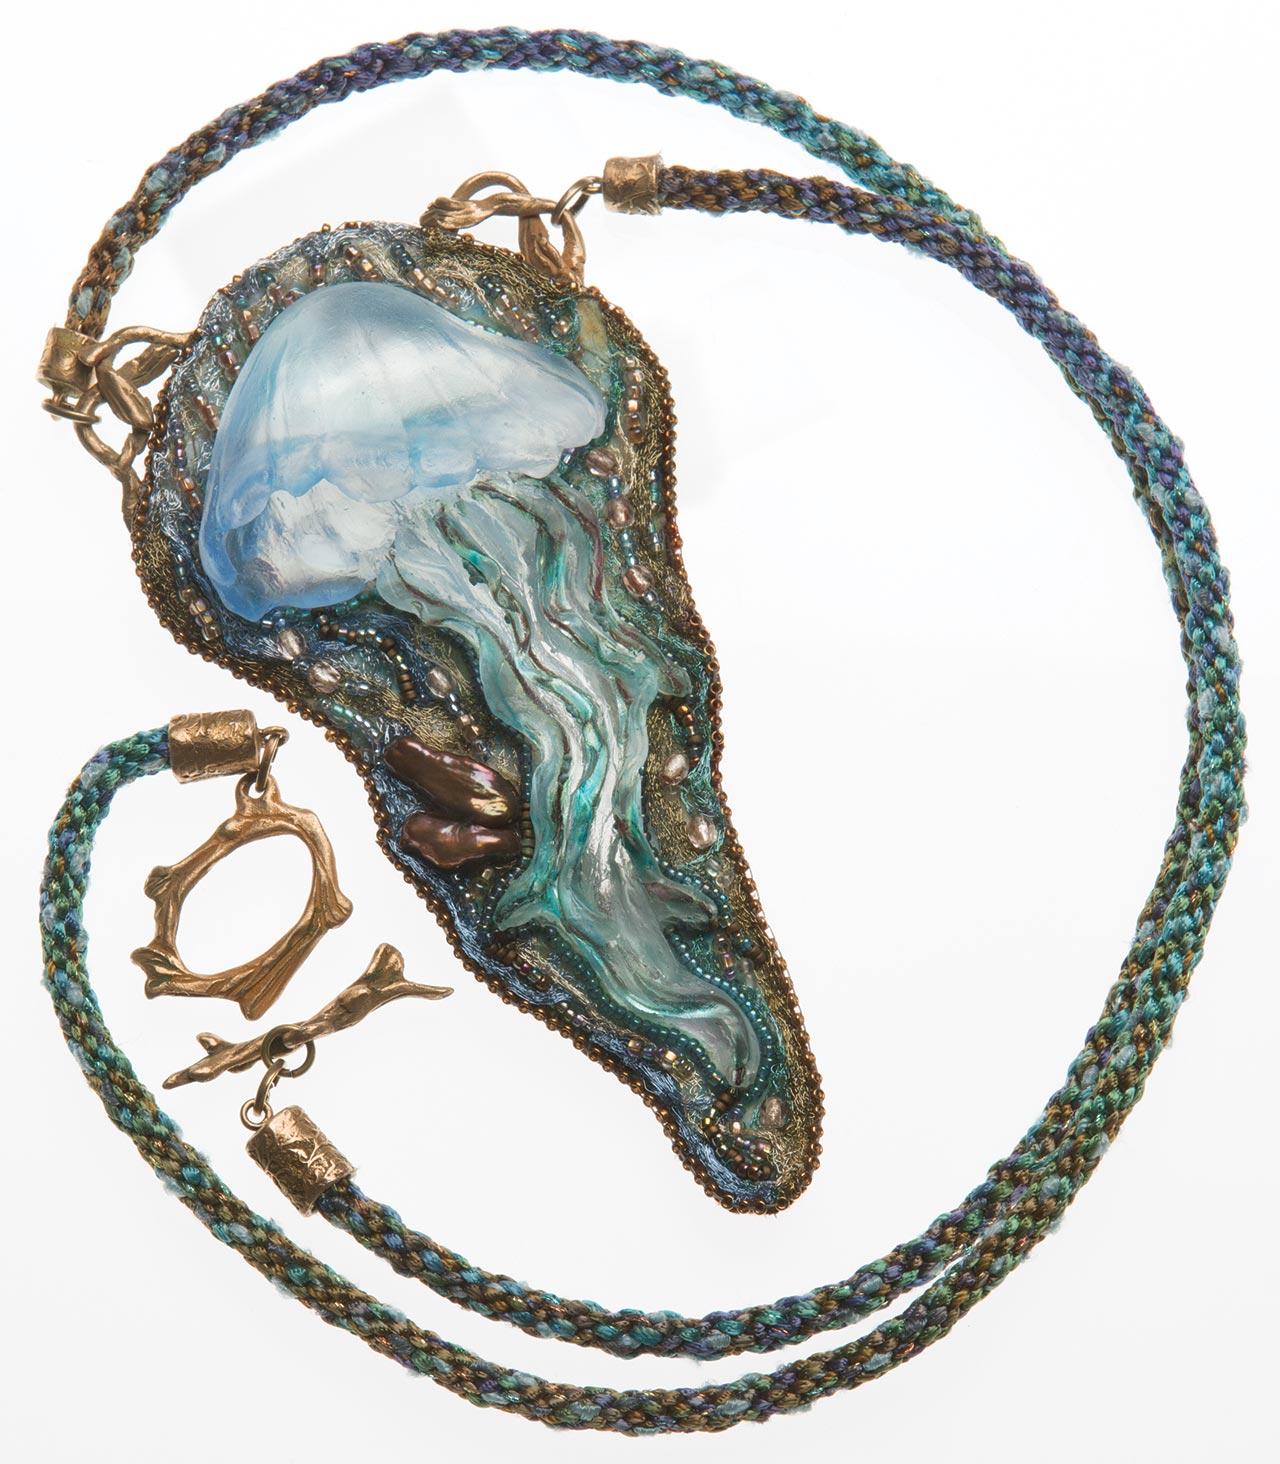 Jellyfish Talisman